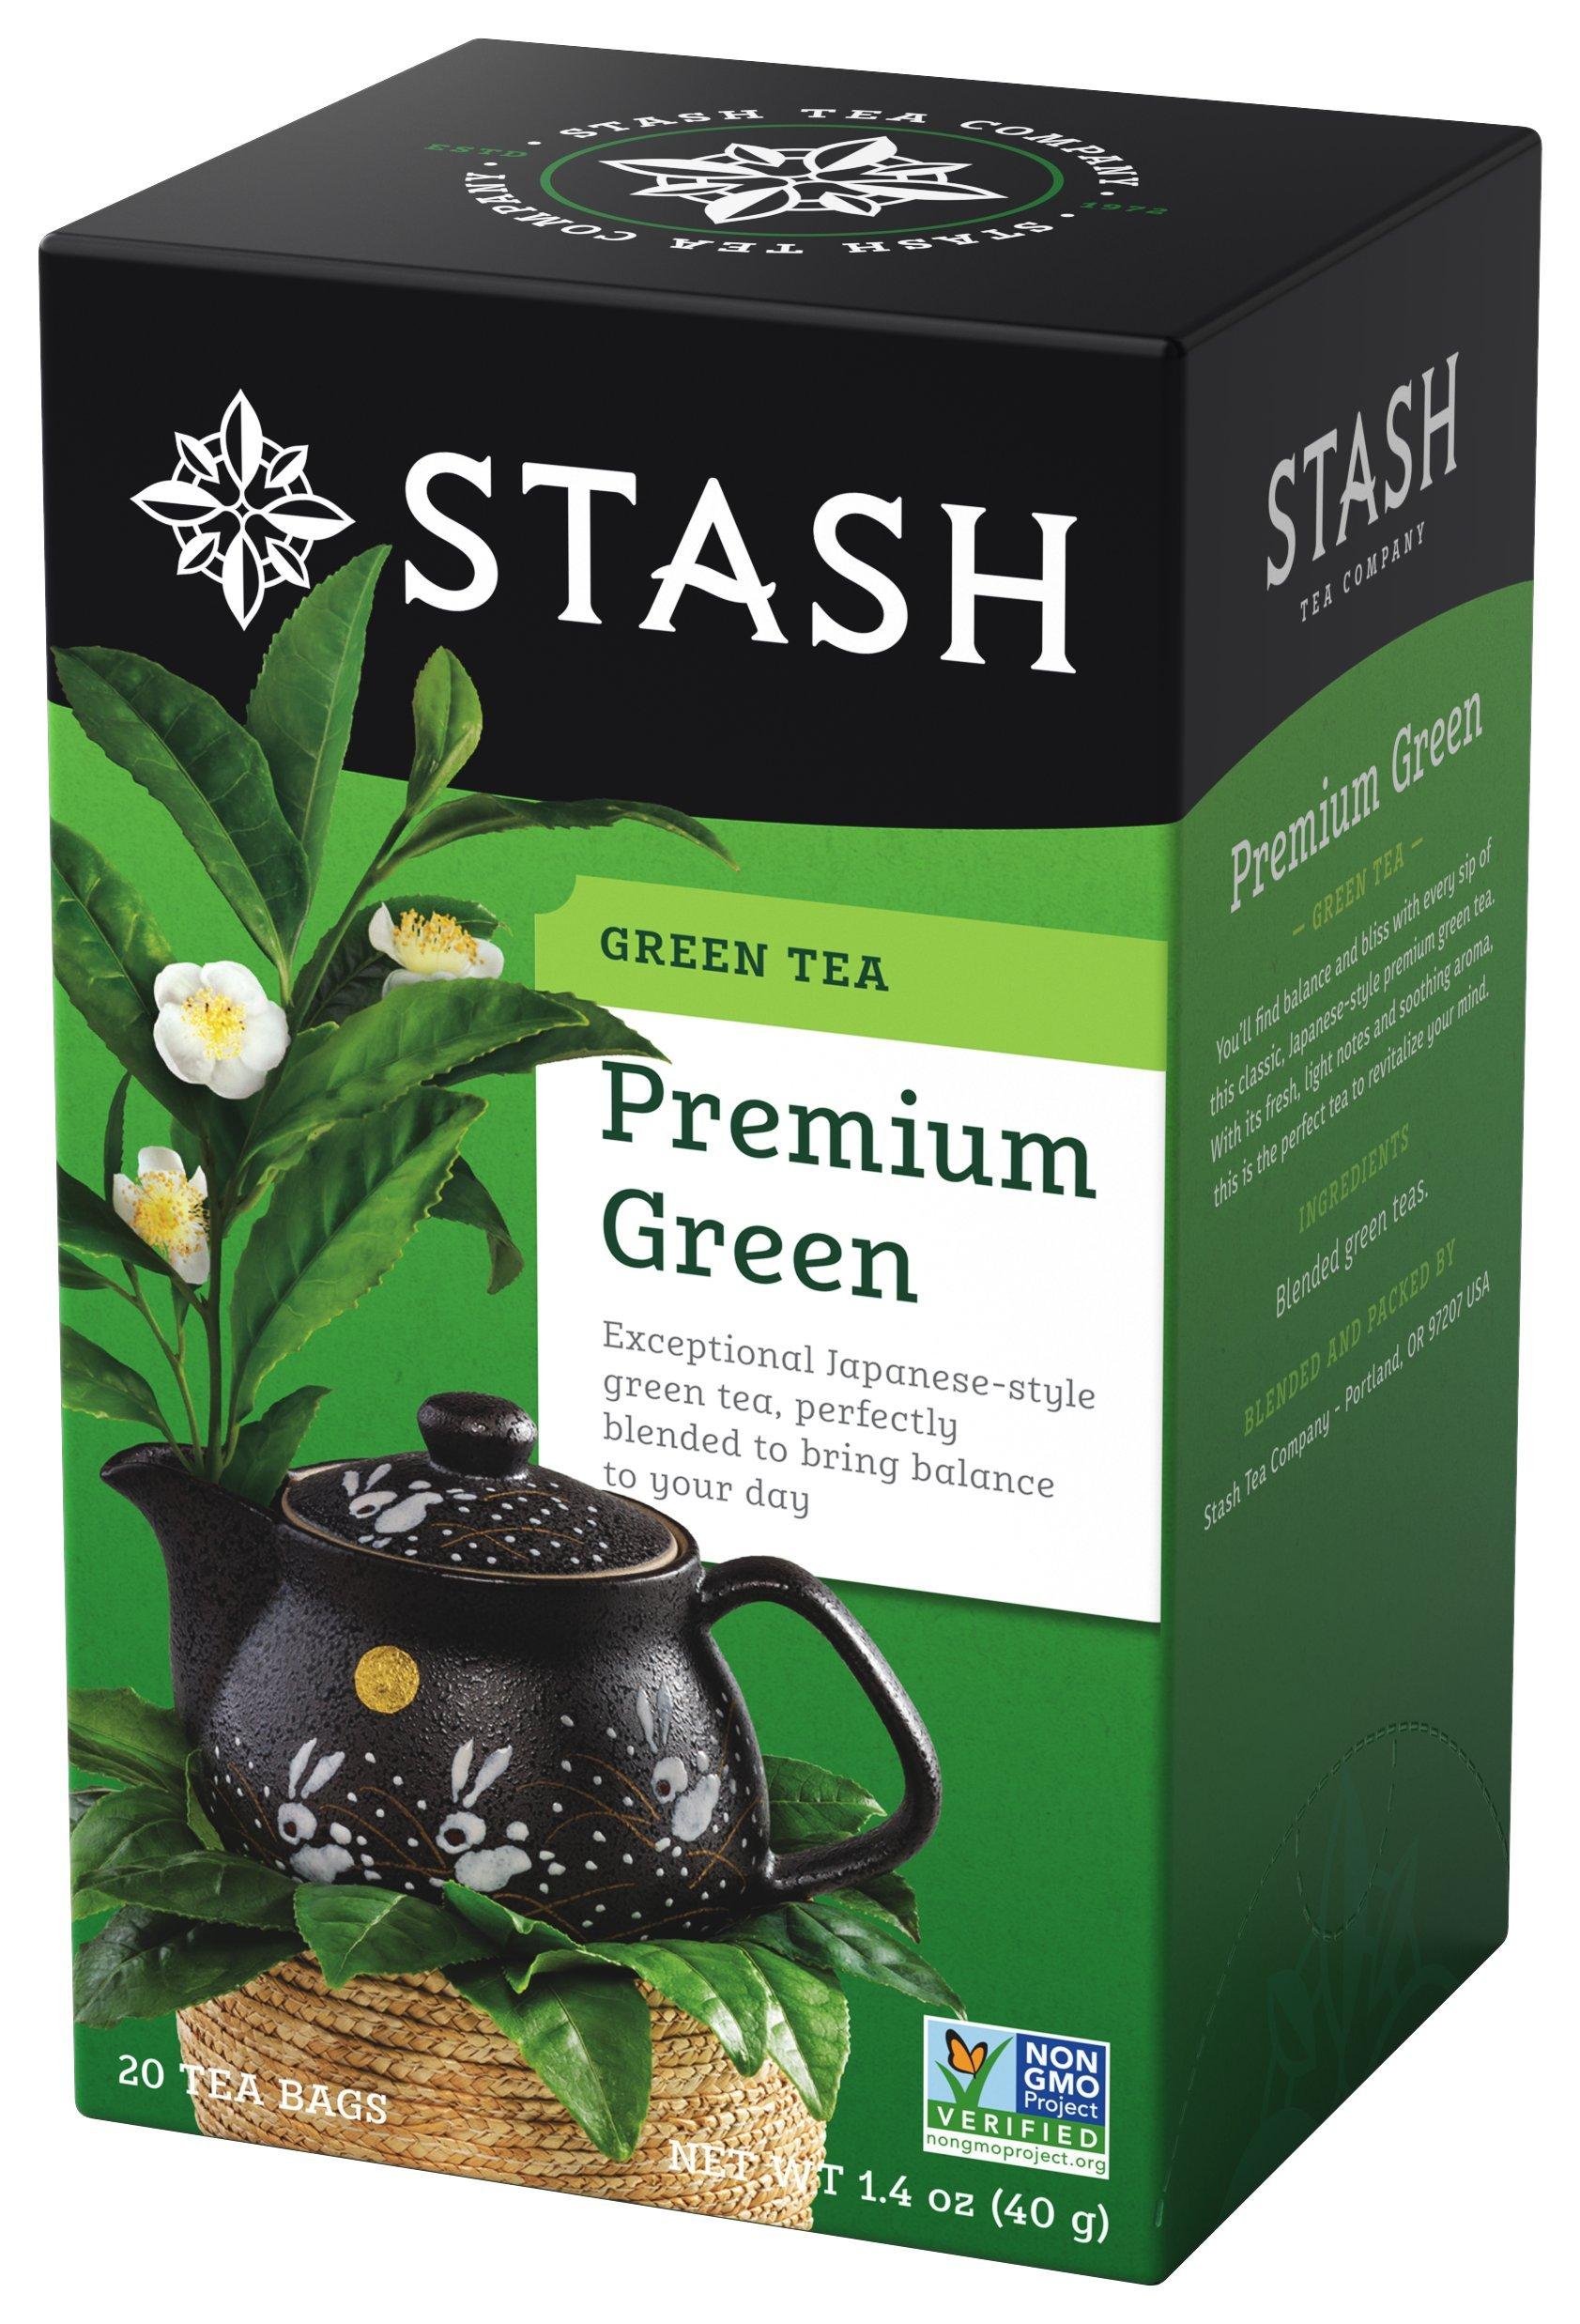 Stash Tea Premium Green Tea 20 Count Box of Tea Bags in Foil (Pack of 6)